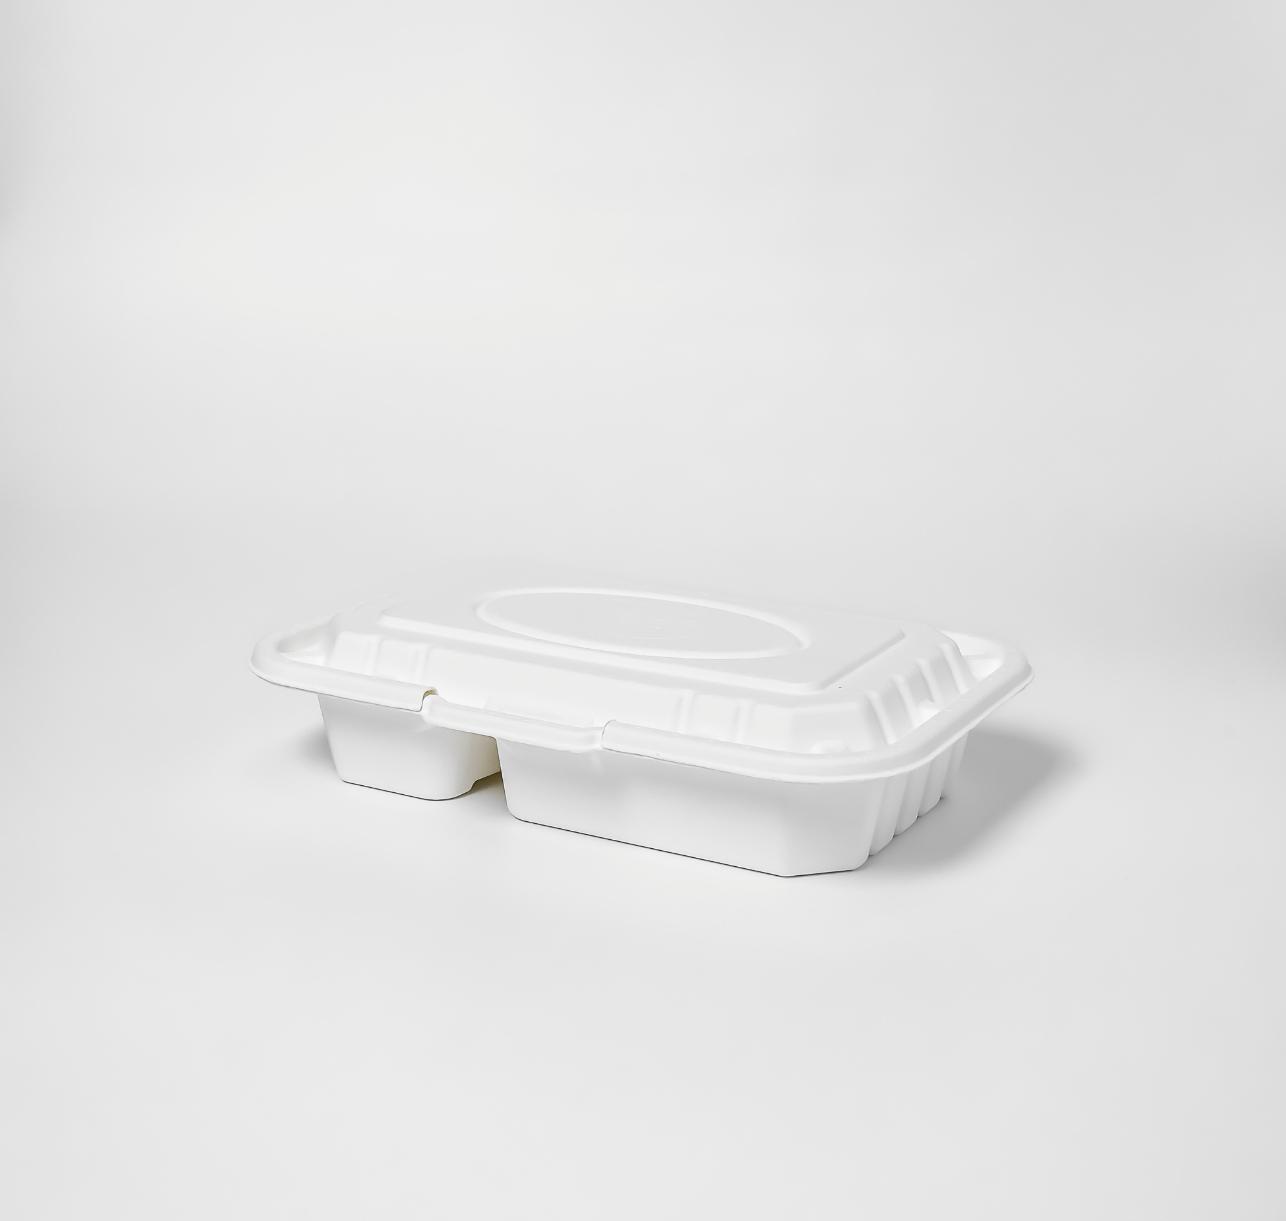 กล่องอาหารเยื่อธรรมชาติ 2 ช่อง 950ml